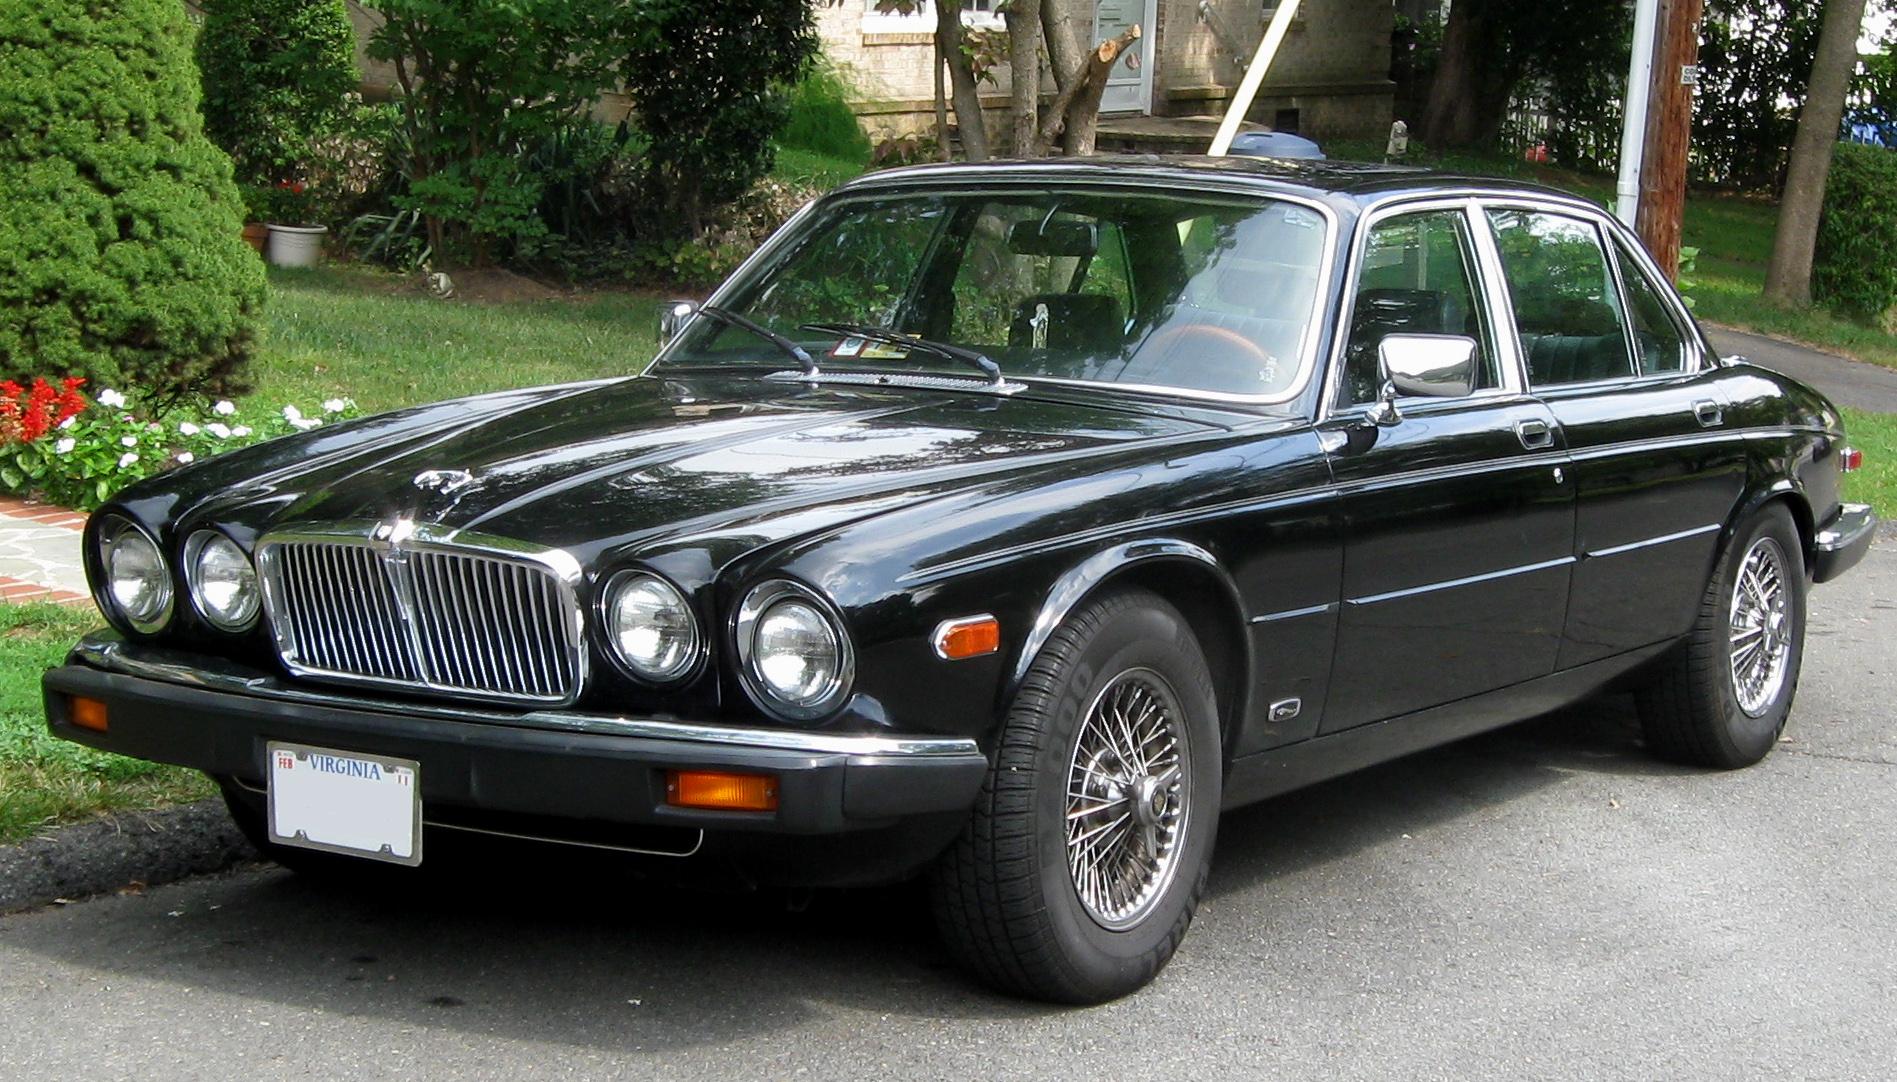 El próximo Jaguar XJ lo veremos antes de que finalice la década, será espectacular 2